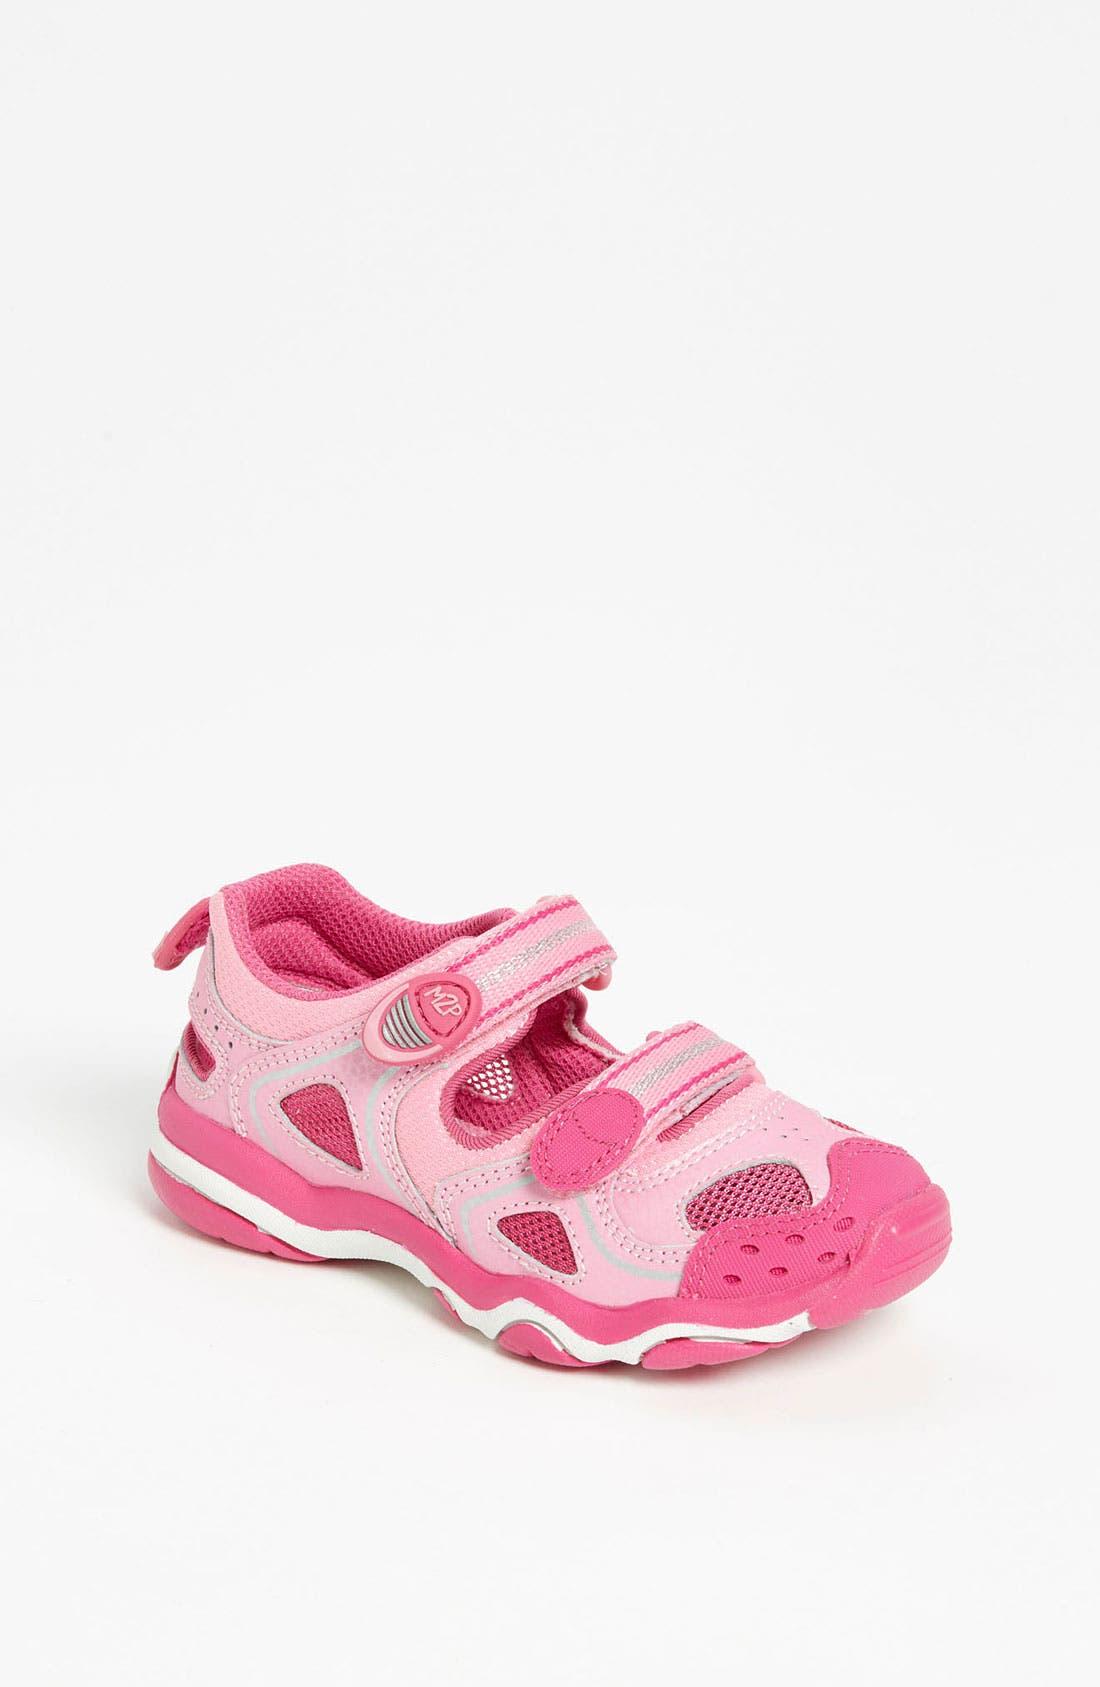 Main Image - Stride Rite 'Liddie' Sandal (Toddler)